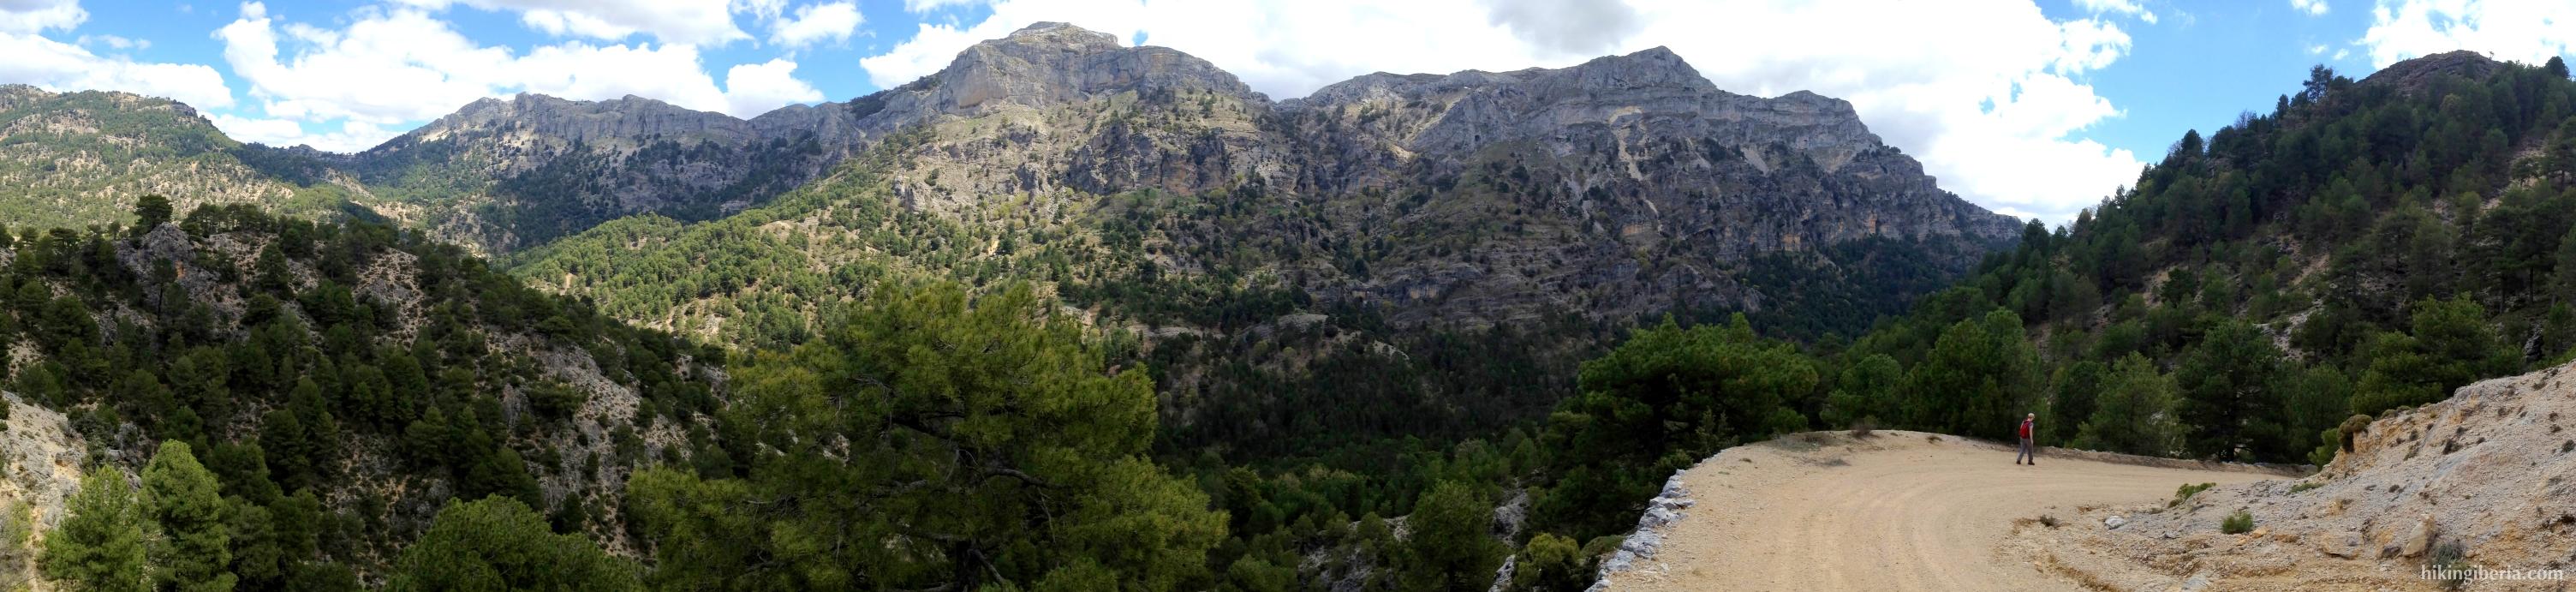 Barranco del Guadalentín